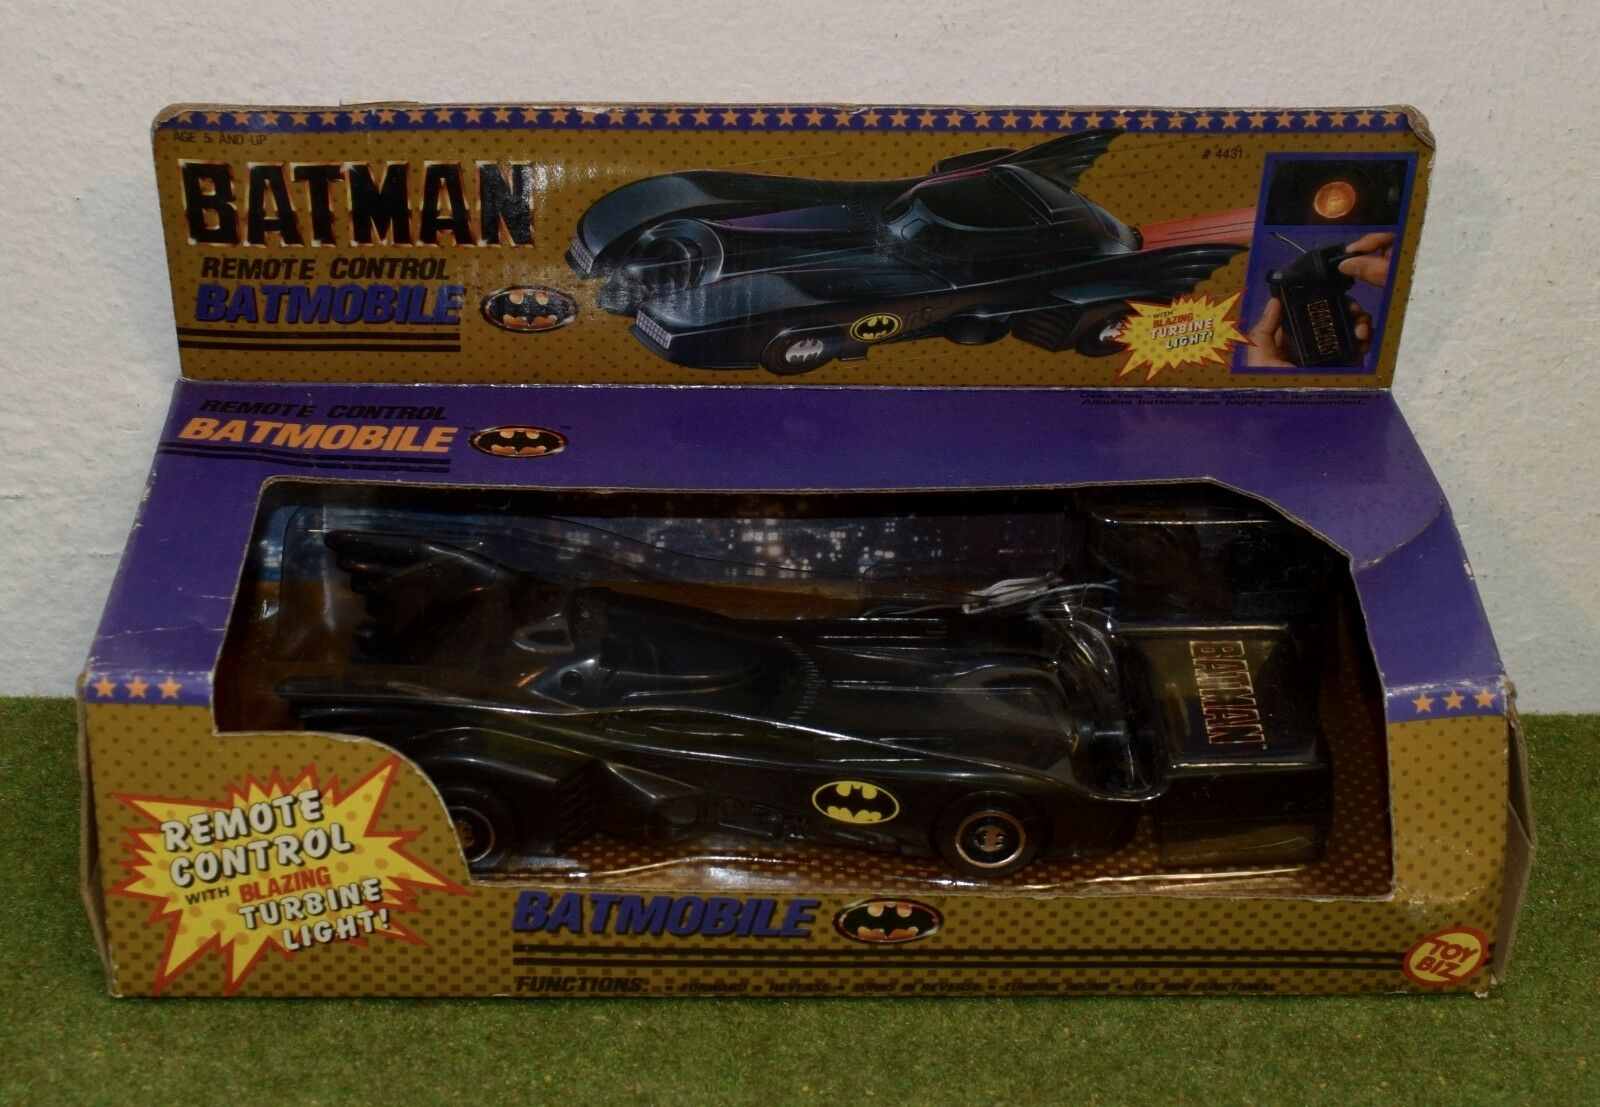 TOY BIZ BATMAN BATMOBILE REMOTE CONTROL DC COMICS